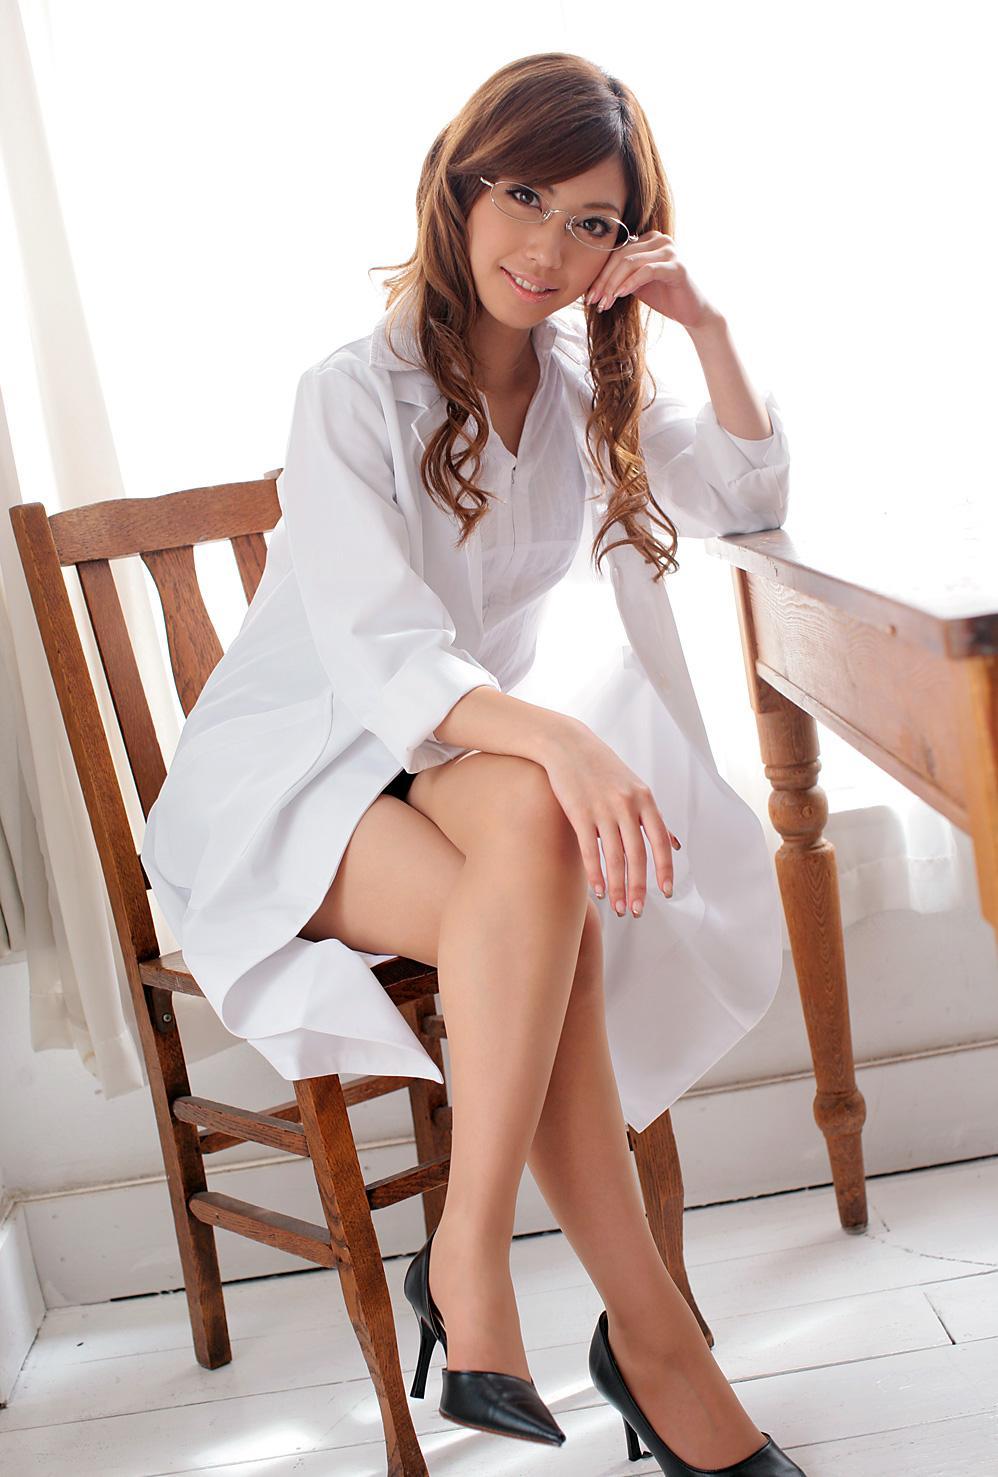 【美脚エロ画像】魅力的な美脚に色気を加える足組みという体勢についてwww 28